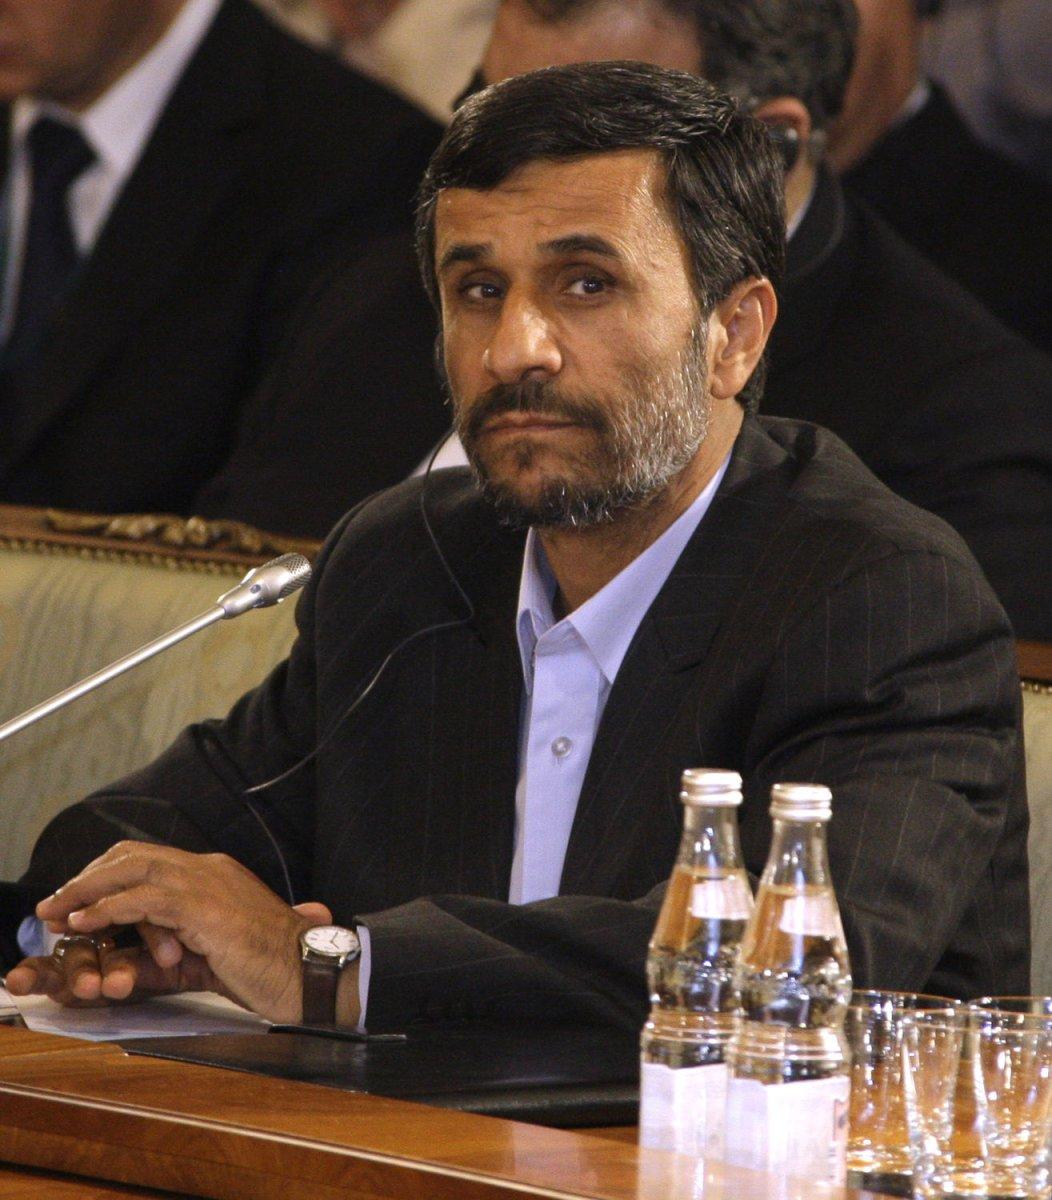 Sarkozy to Iran: Respond to overtures - UPI.com